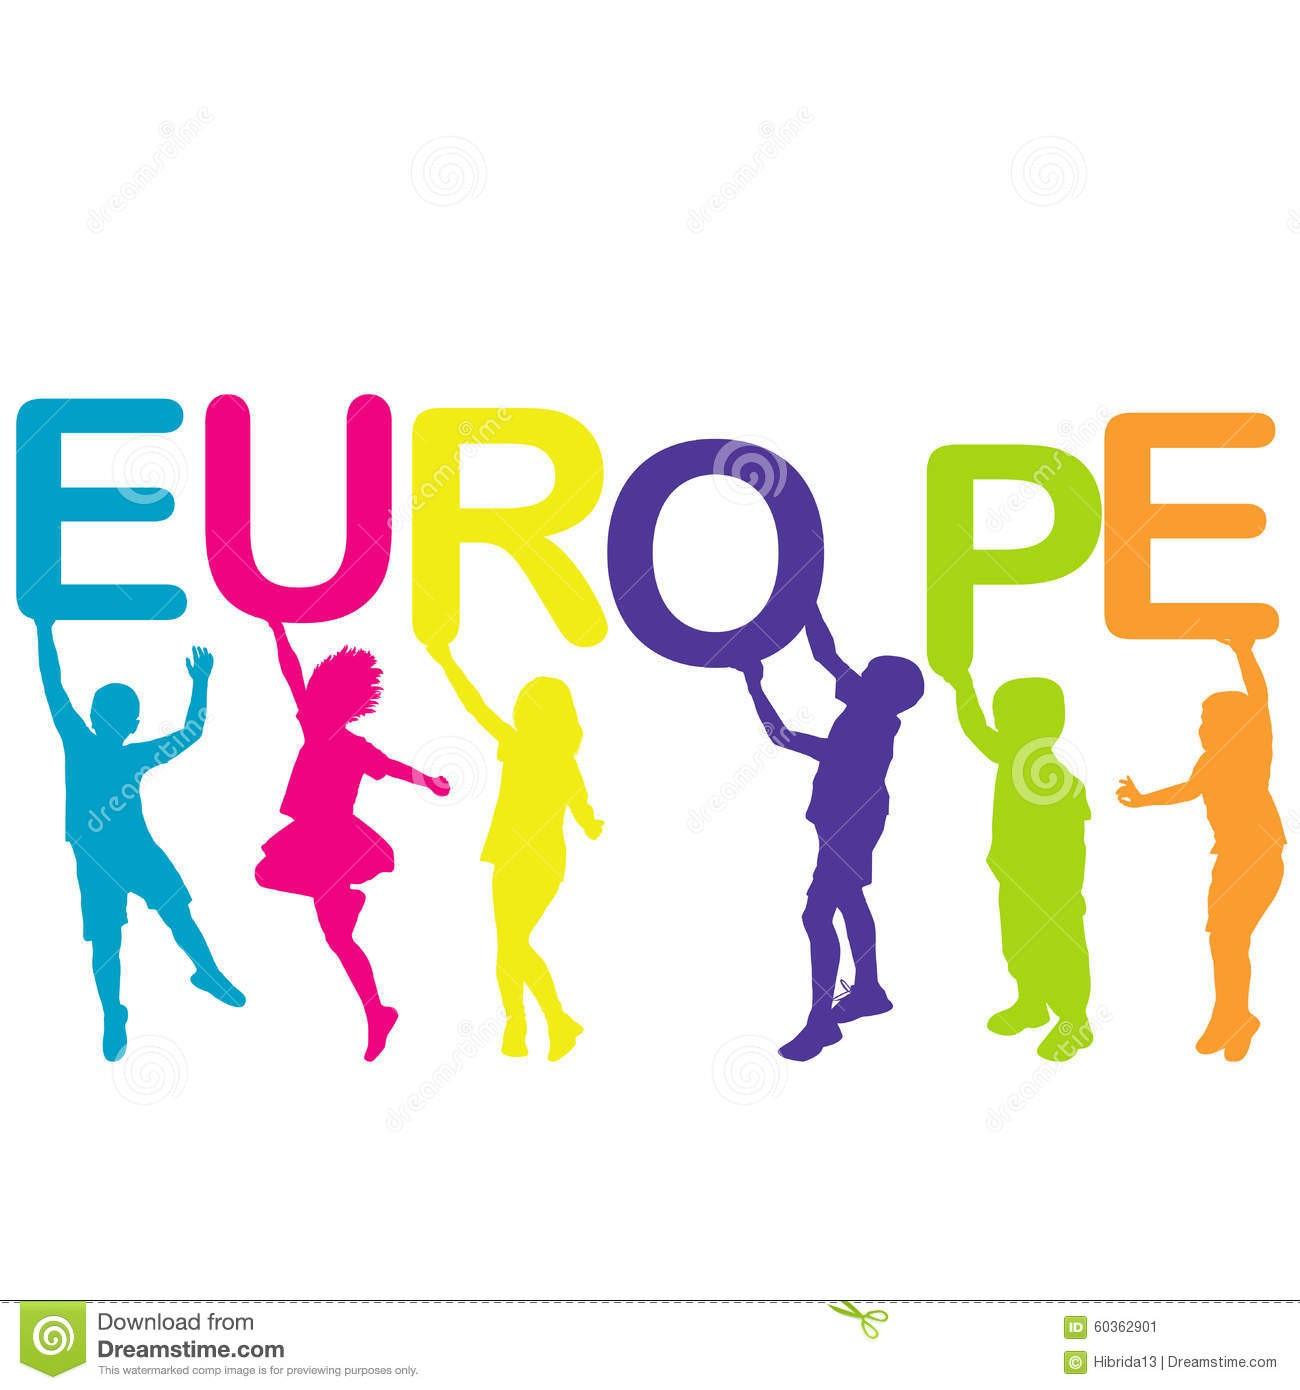 Europe ou pas Europe ?